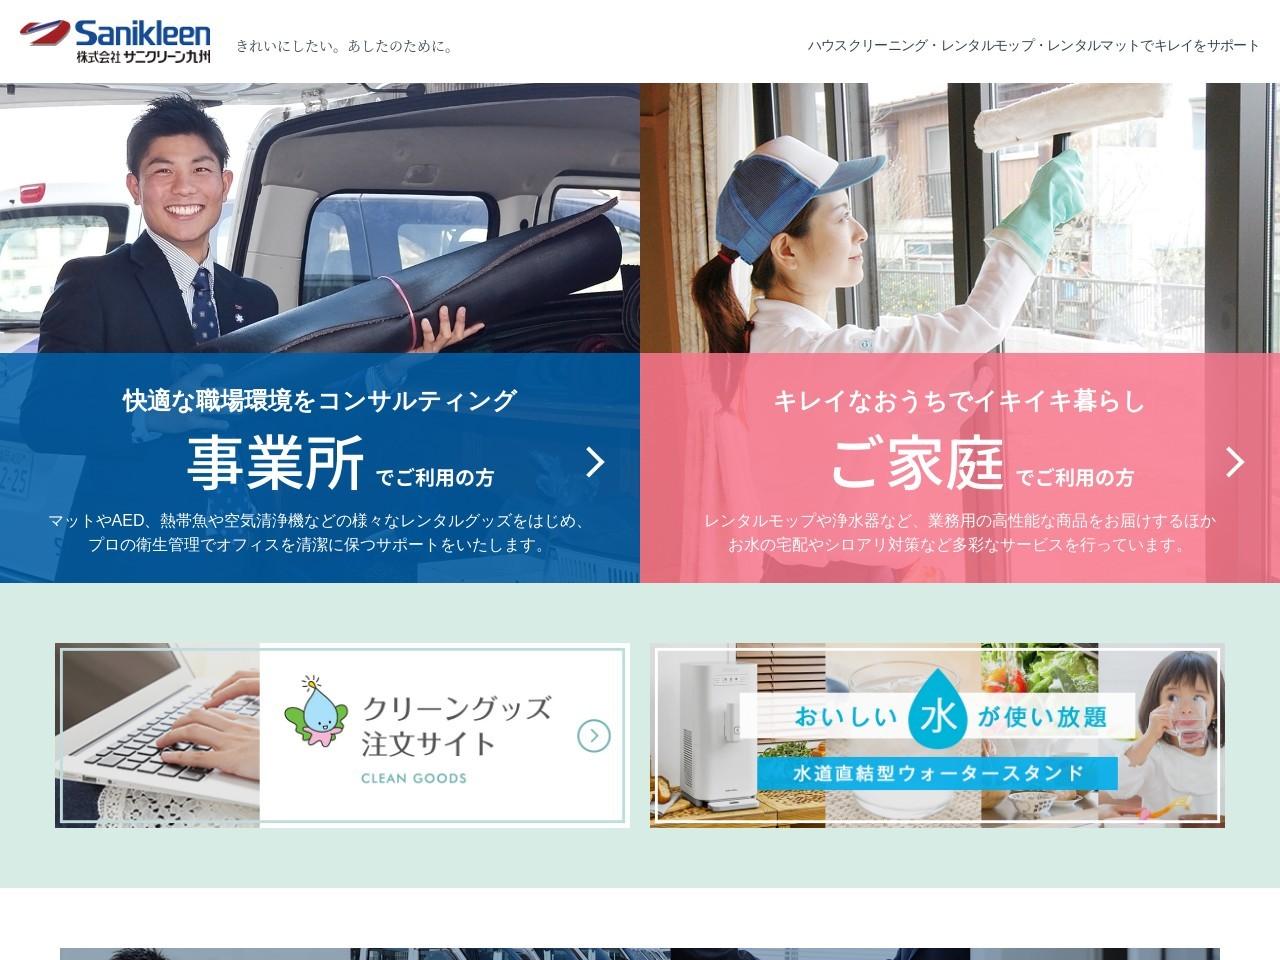 サニクリーン九州|福岡の掃除用品レンタルと掃除サービス